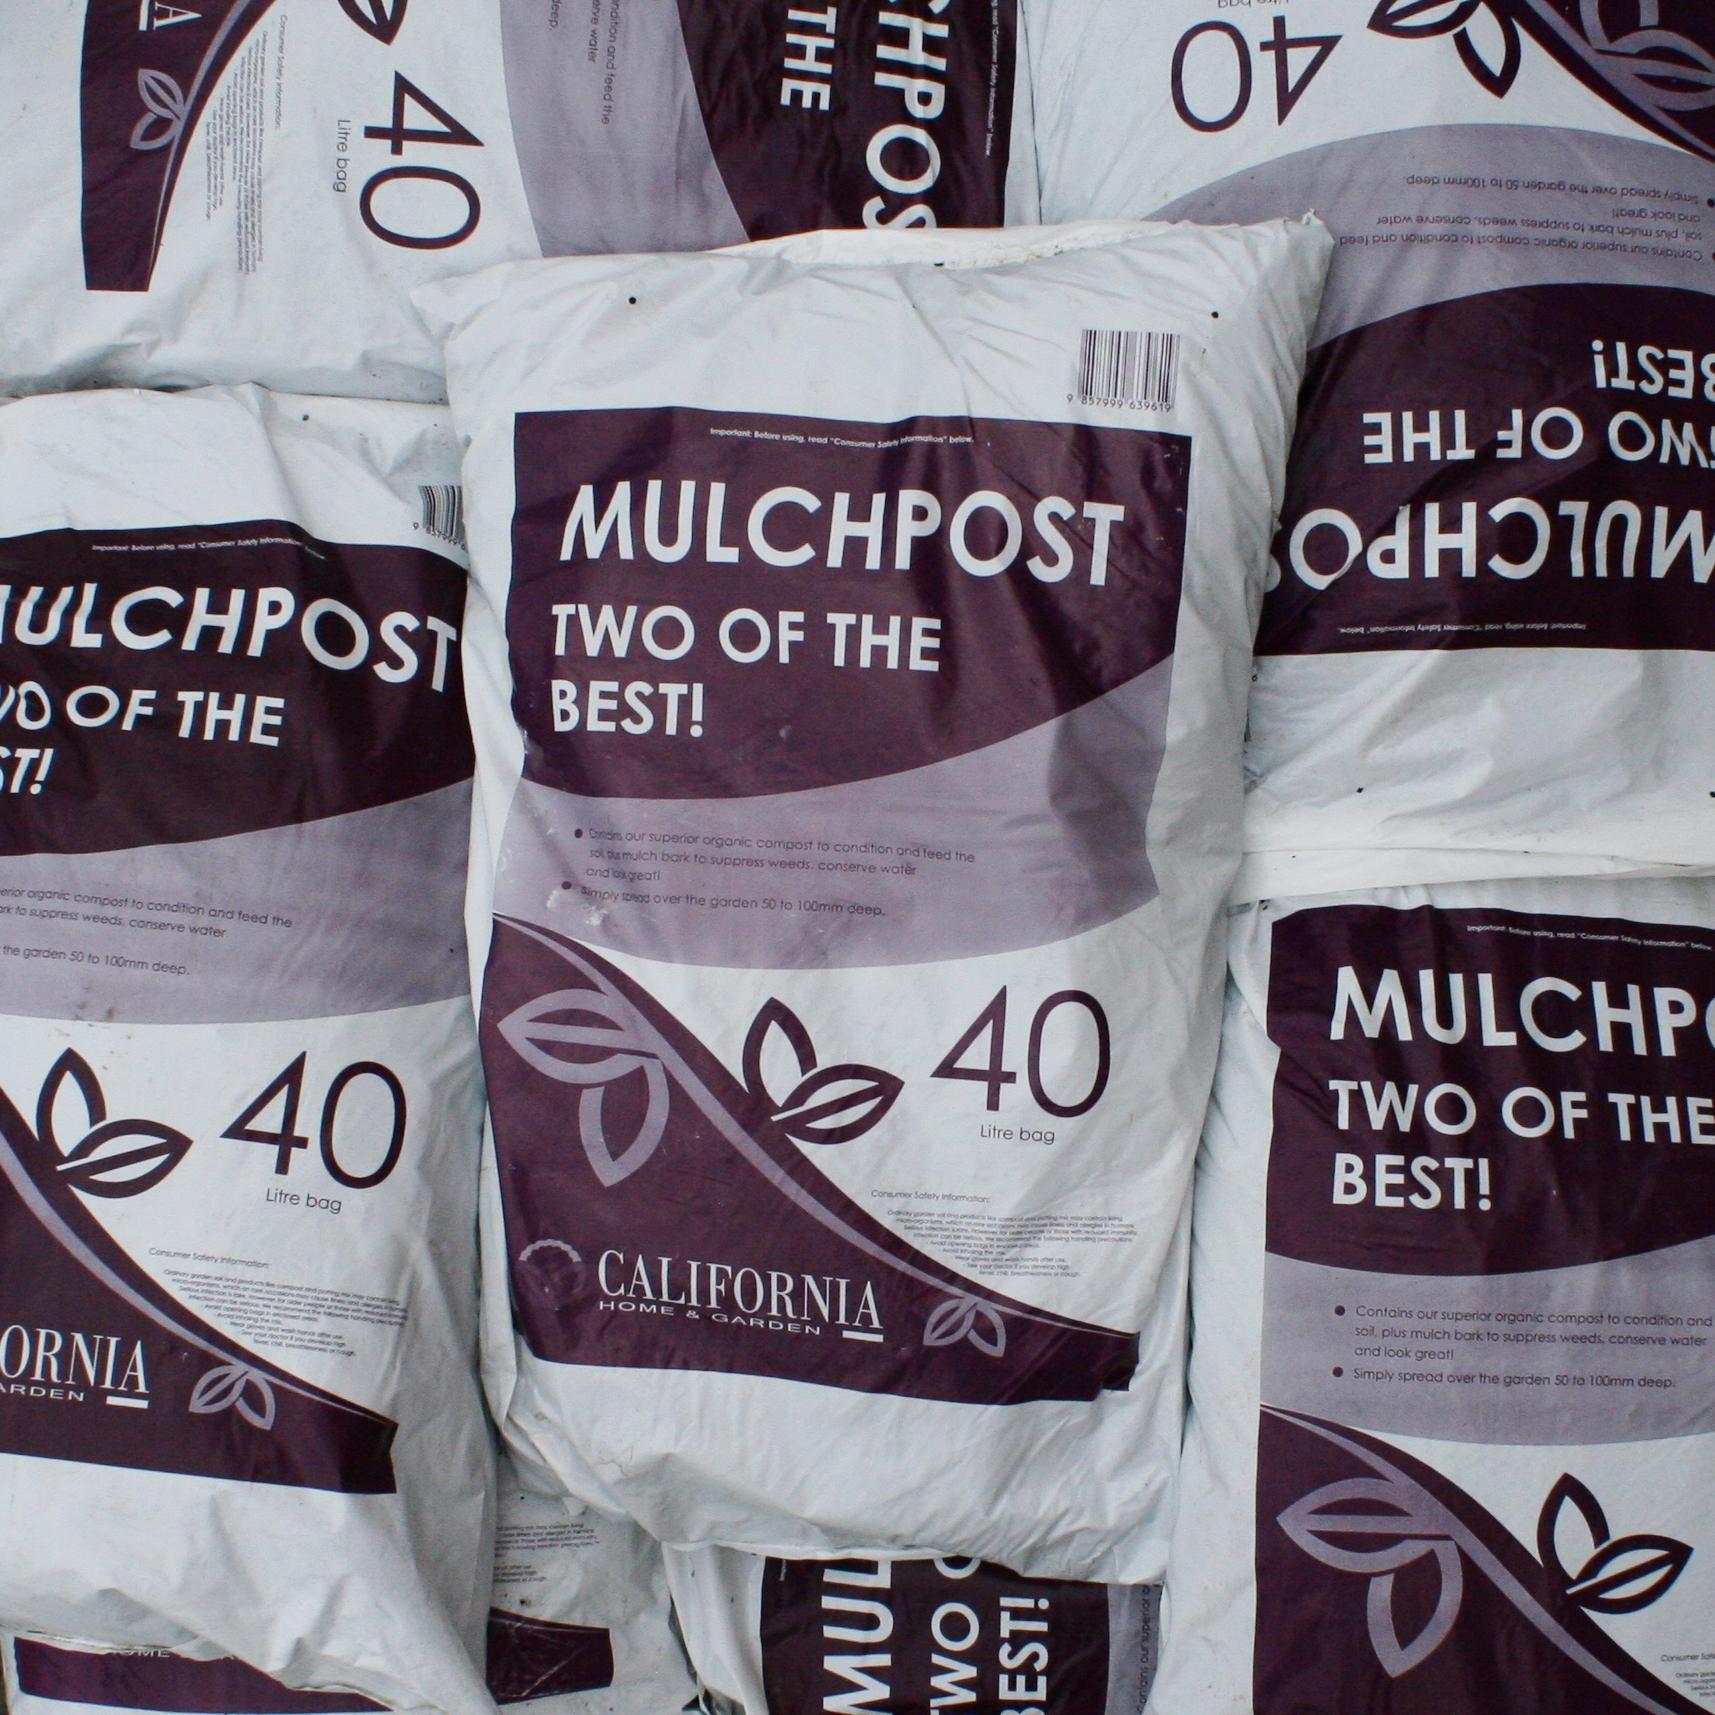 California Mulchpost 40L3 for $30 -